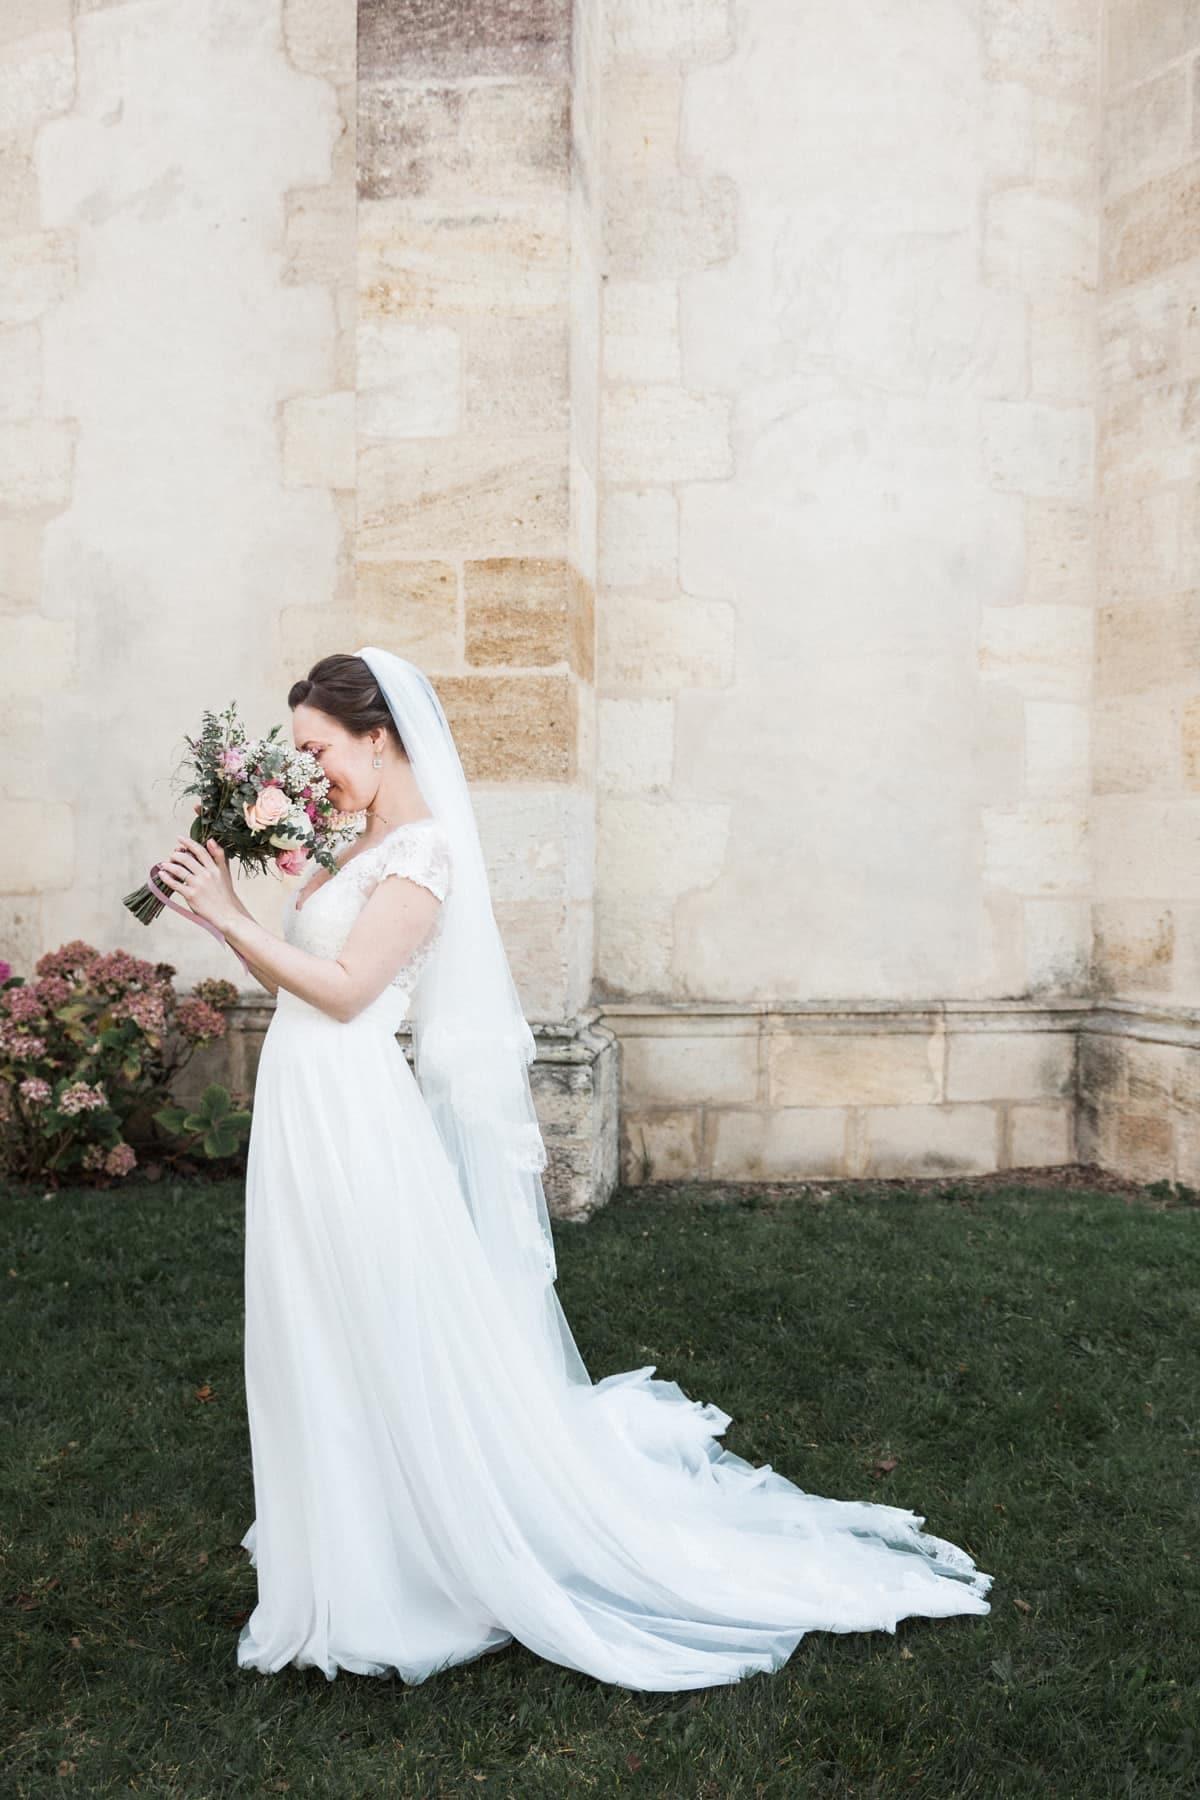 photo fun, la mariée renifle son bouquet de mariée, signé Avril-Mai, mariage blush à Bordeaux